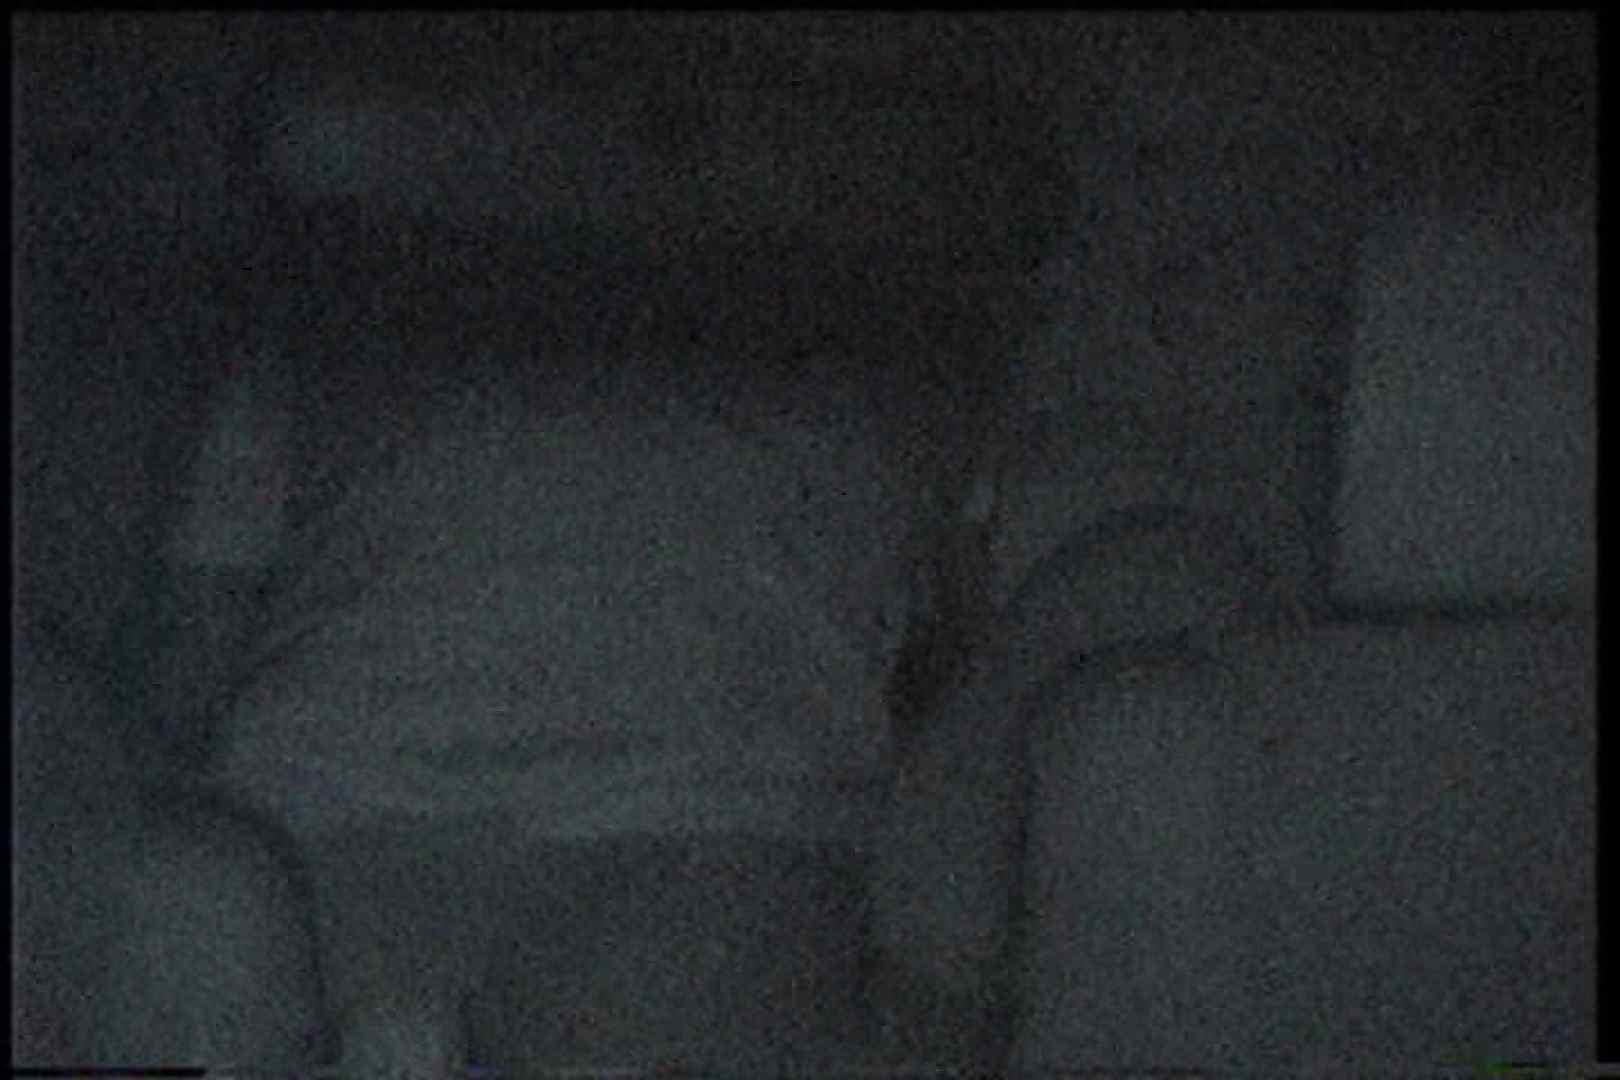 充血監督の深夜の運動会Vol.181 車の中のカップル オマンコ動画キャプチャ 79画像 52